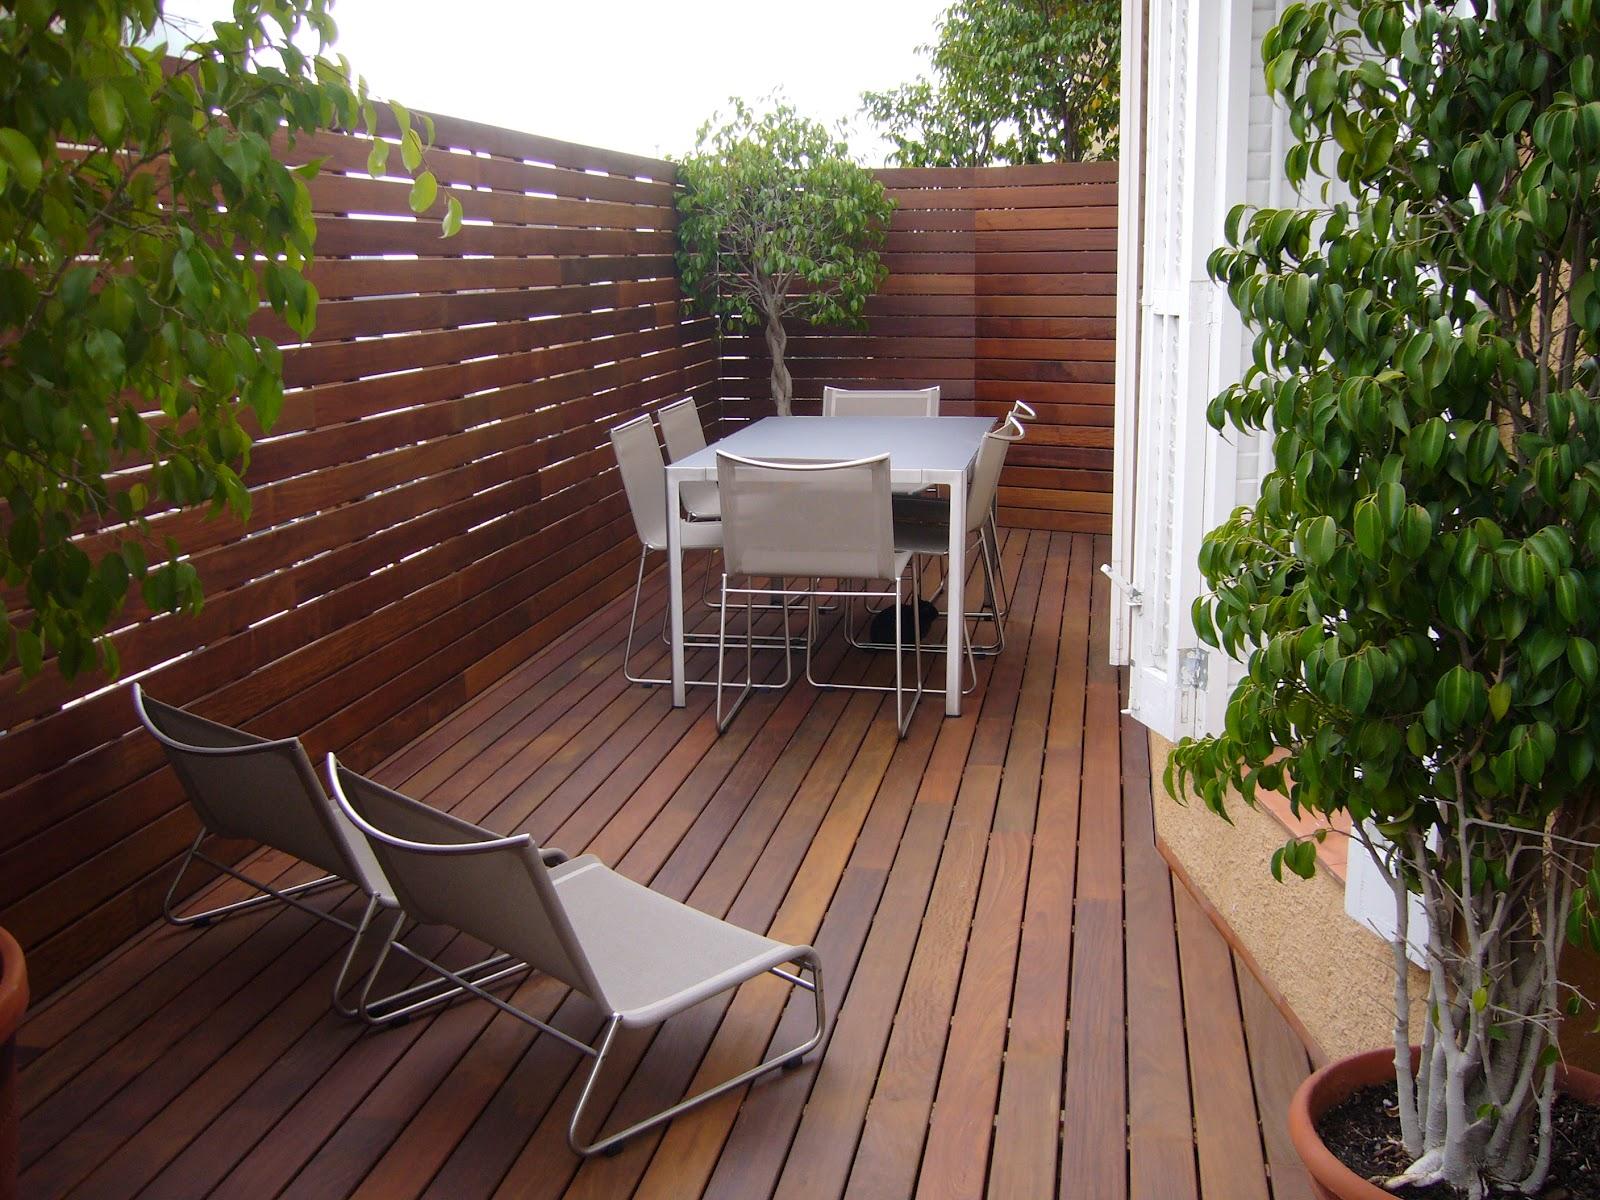 Chm interiorismo y reformas terrazas for Terraza de madera exterior